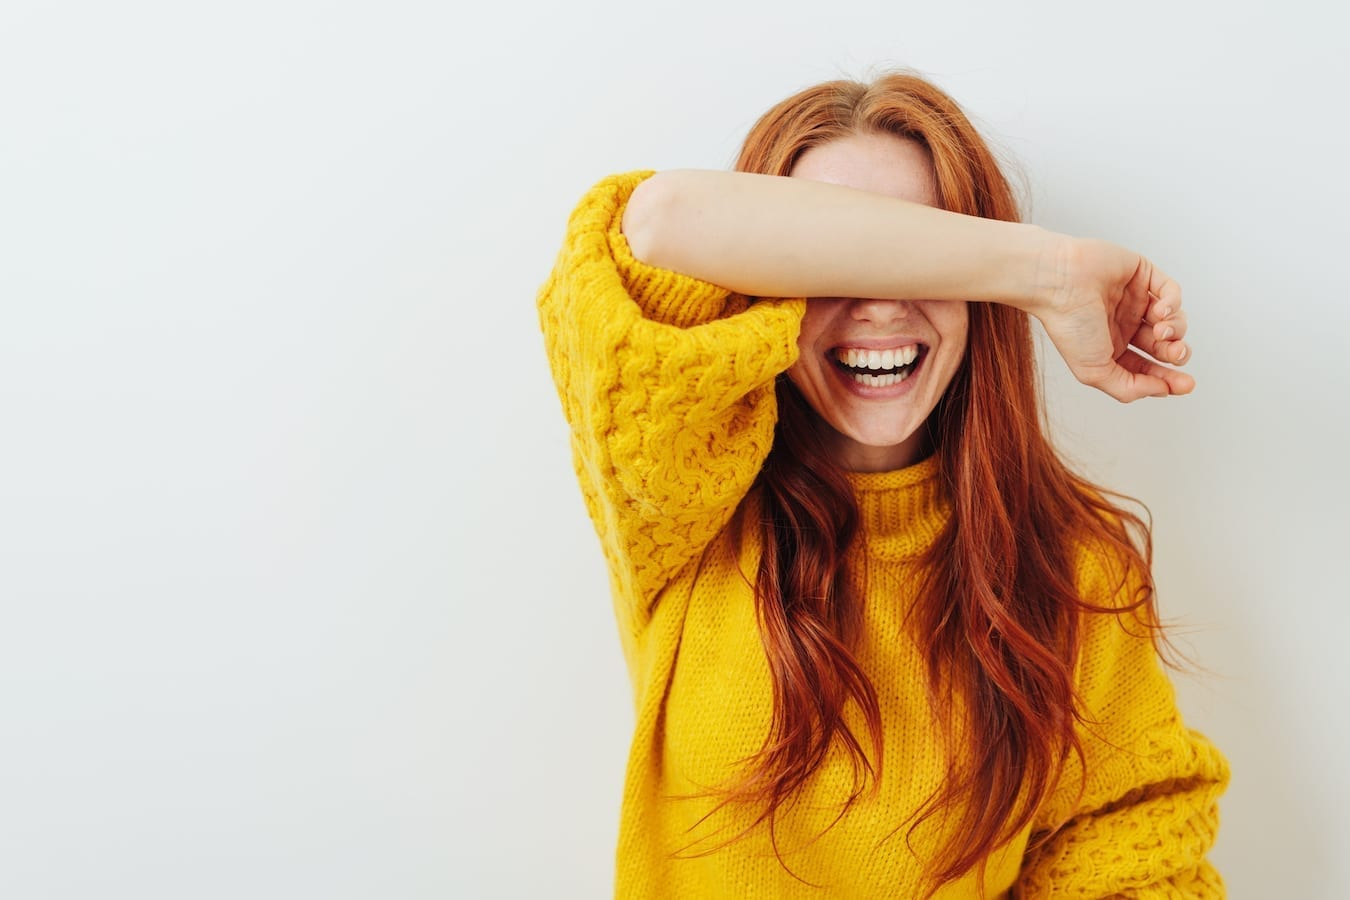 photo d'une femme avec sn avant bras sur les yeux. Souriante